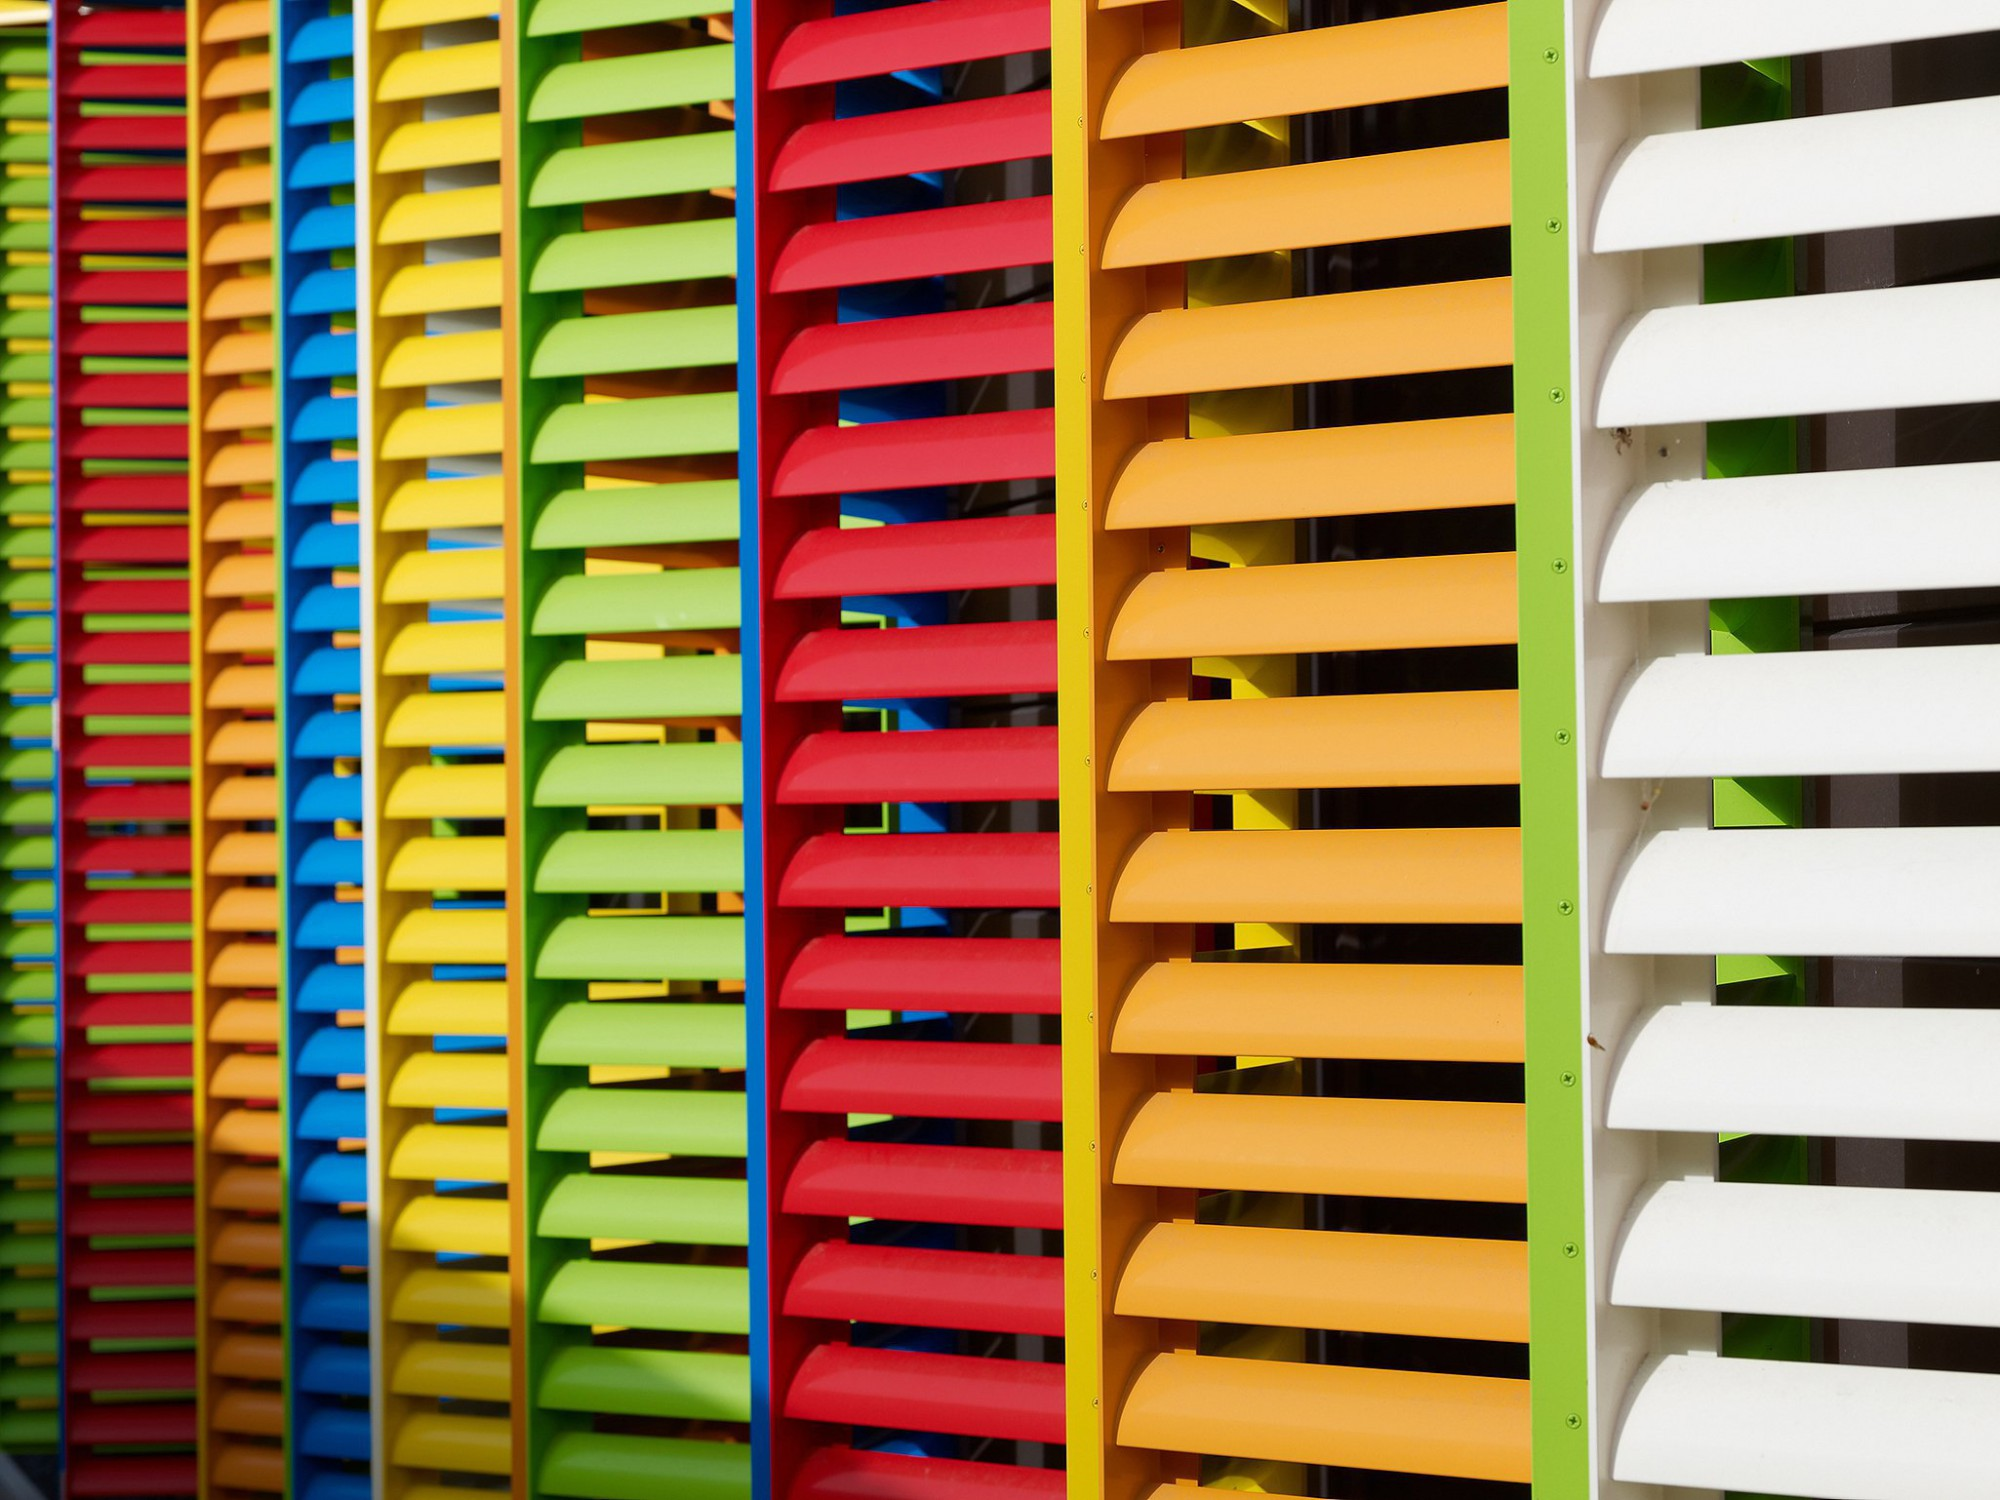 Afbeelding: Creatief gebruik van kleuren in zonwering systeem, productfotorafie op locatie, foto Van Huffel uit Hoogstraten.